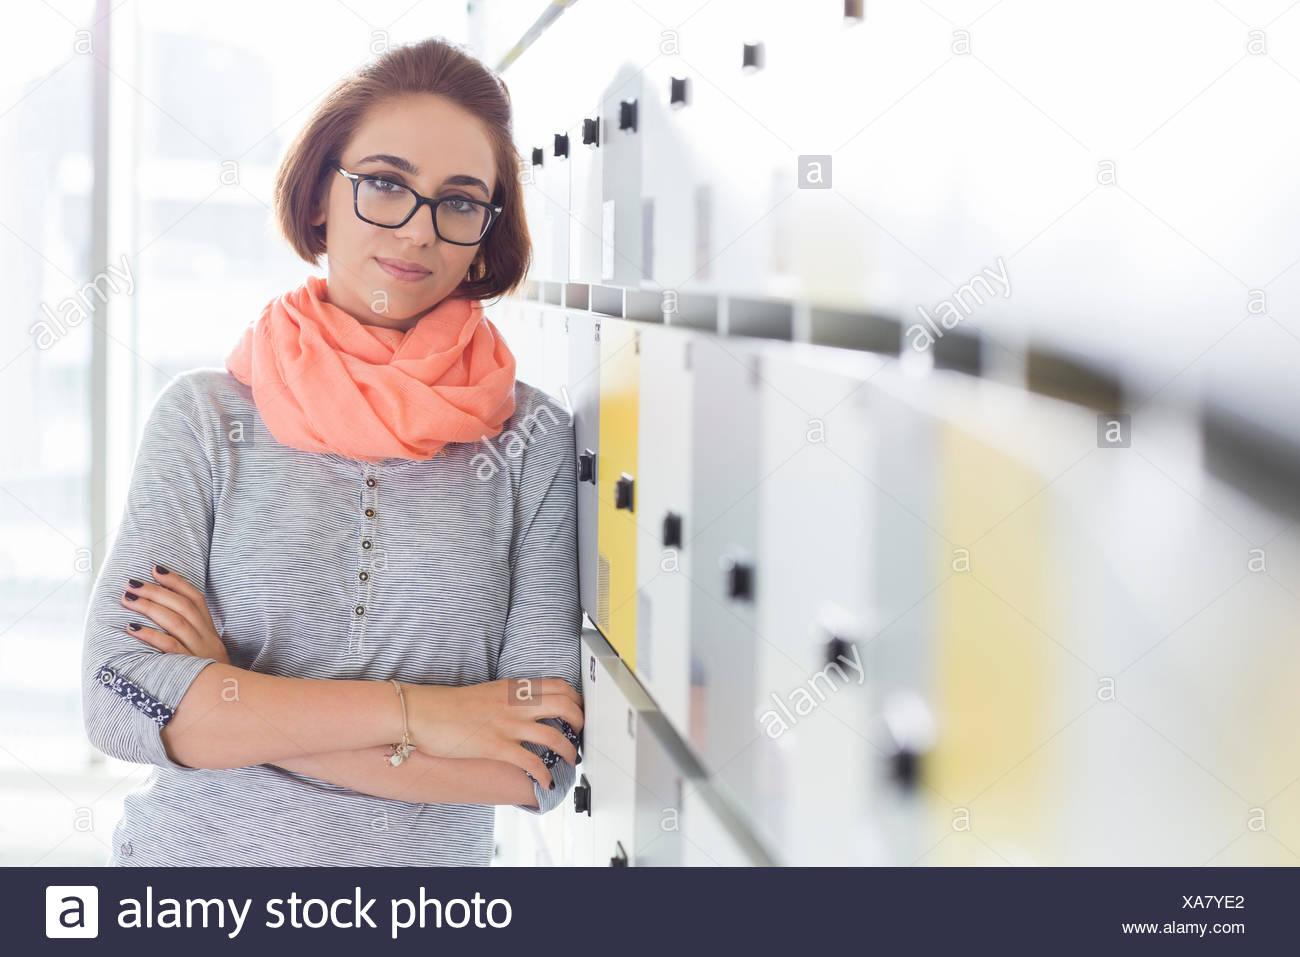 Porträt von zuversichtlich Geschäftsfrau stehend Arme gekreuzt in Umkleidekabine in Kreativbüro Stockfoto